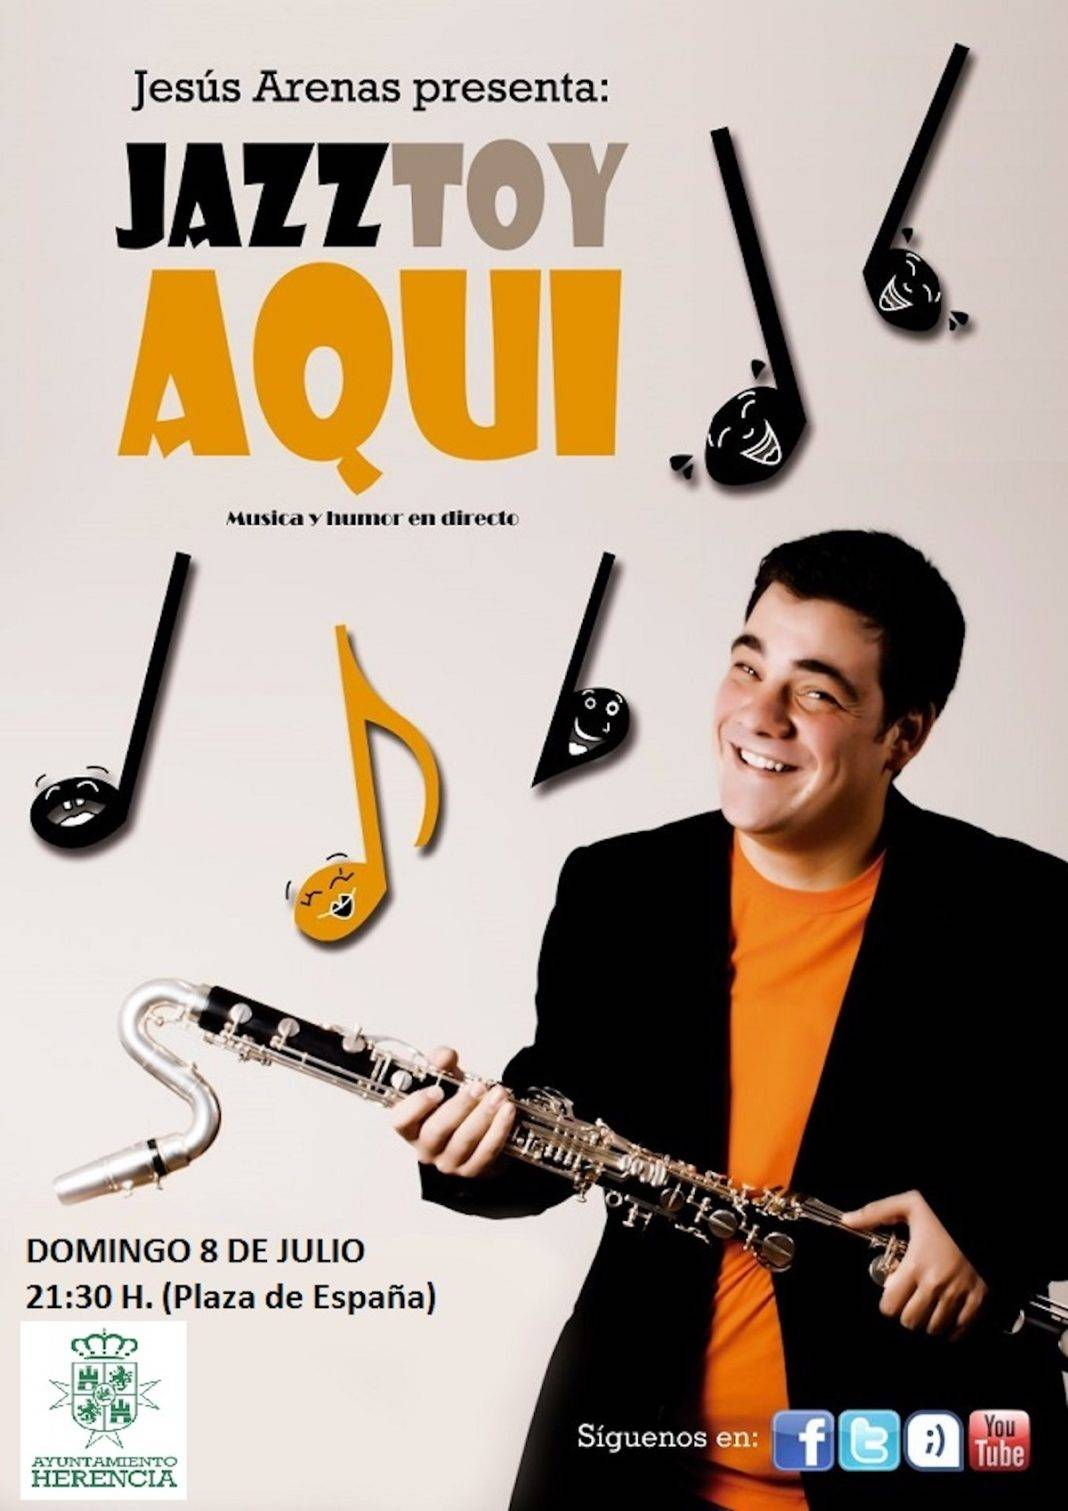 jazztoy aqui herencia 1068x1511 - El domingo noche de humor y música con Jesús Arenas